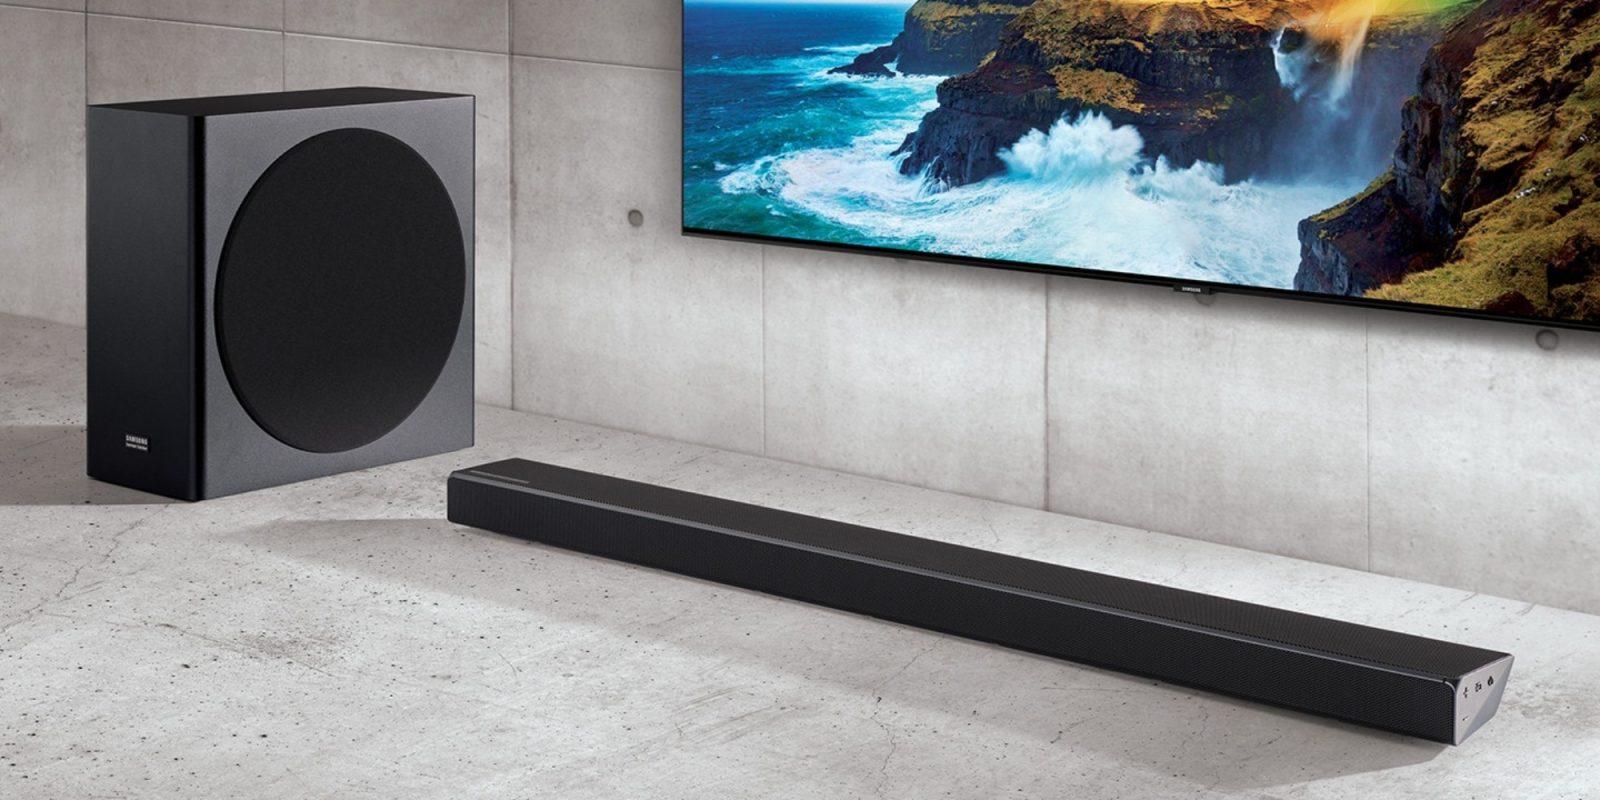 Samsung's Harman Kardon Soundbar drops to new low at $150 off, more from $230